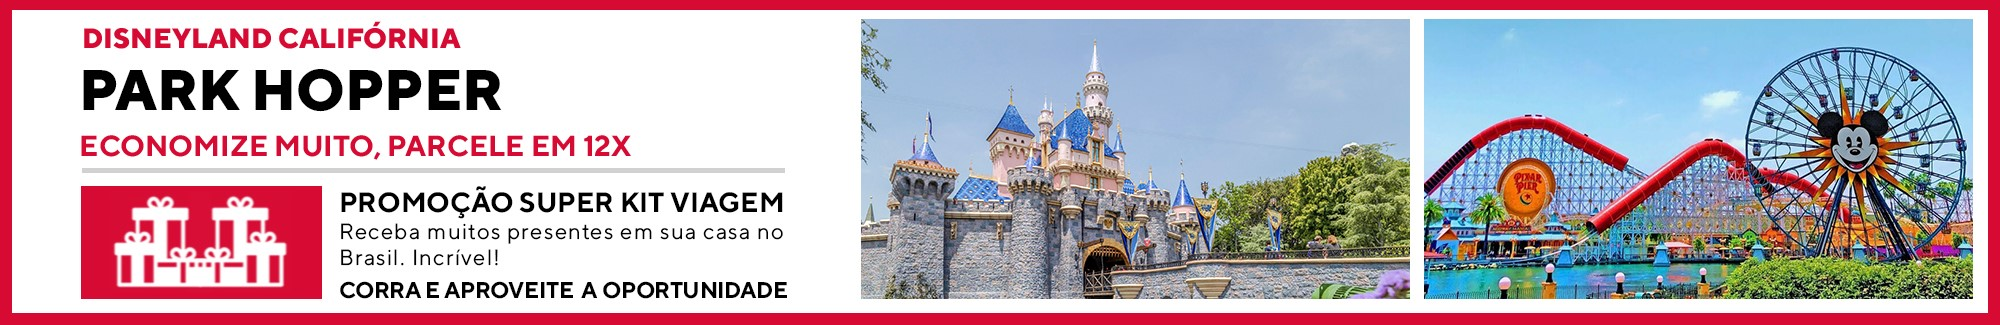 Disneyland com Park Hopper